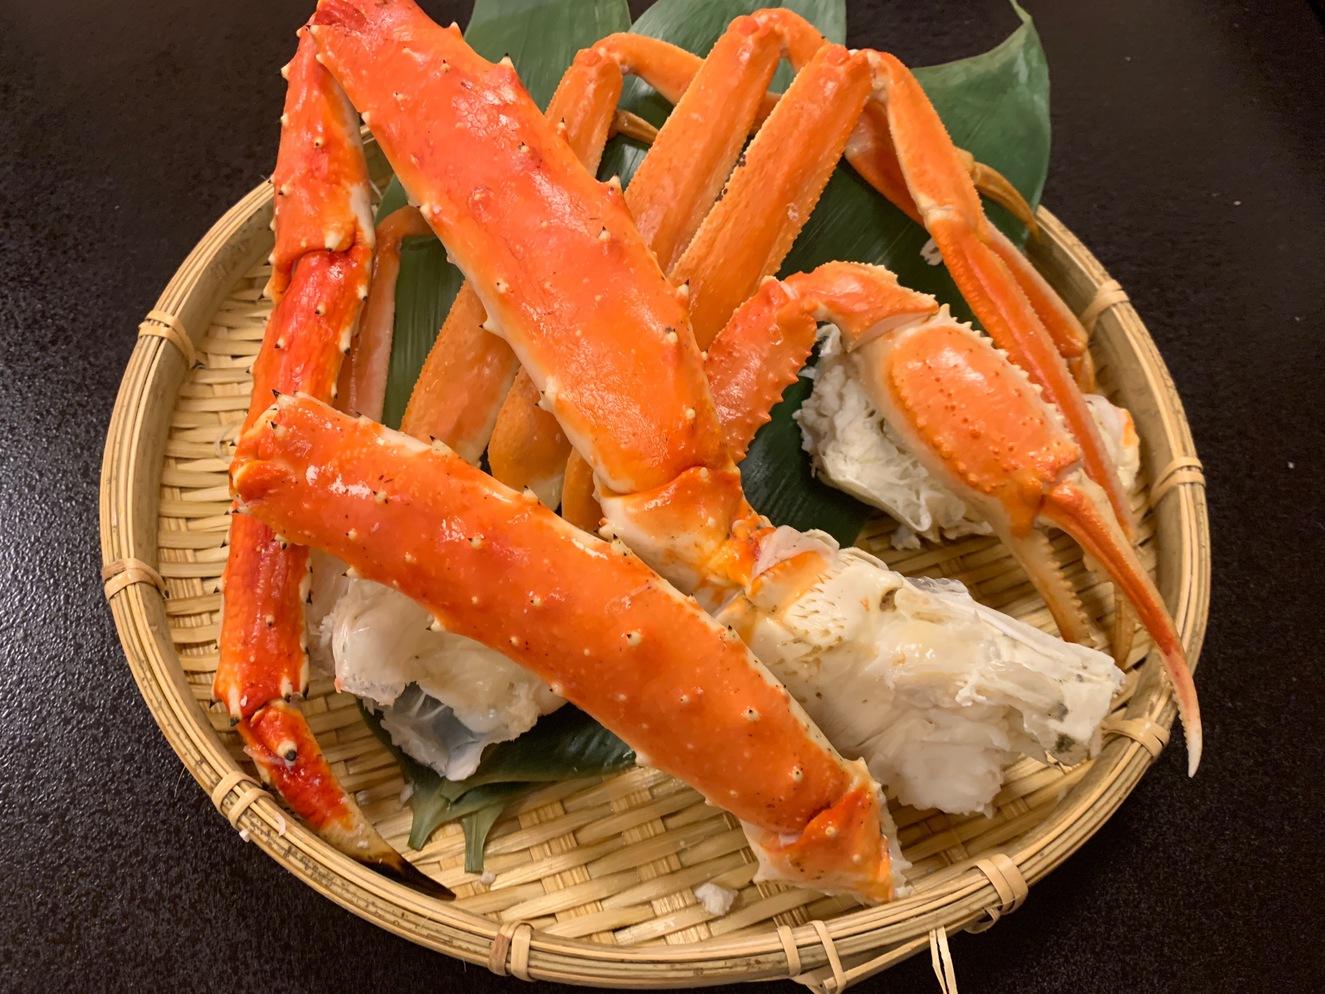 ずわい蟹とたらば蟹の食べ比べ